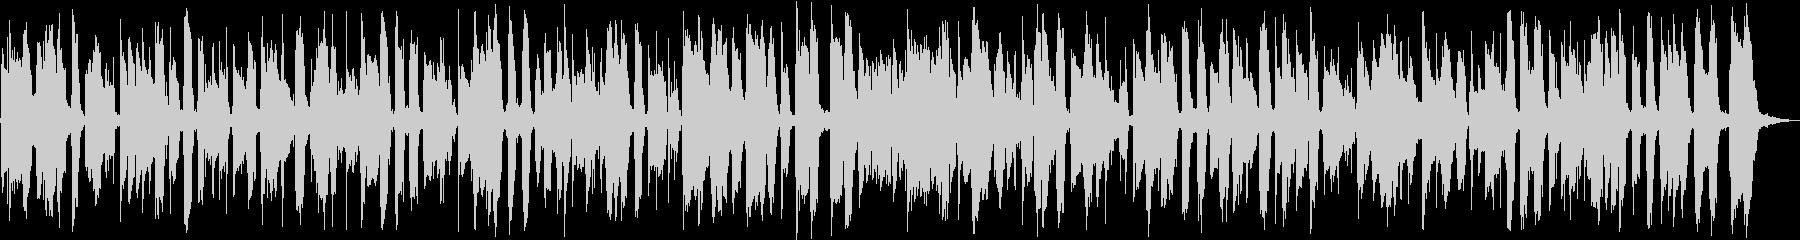 ボサノバ風のアコギインストの未再生の波形